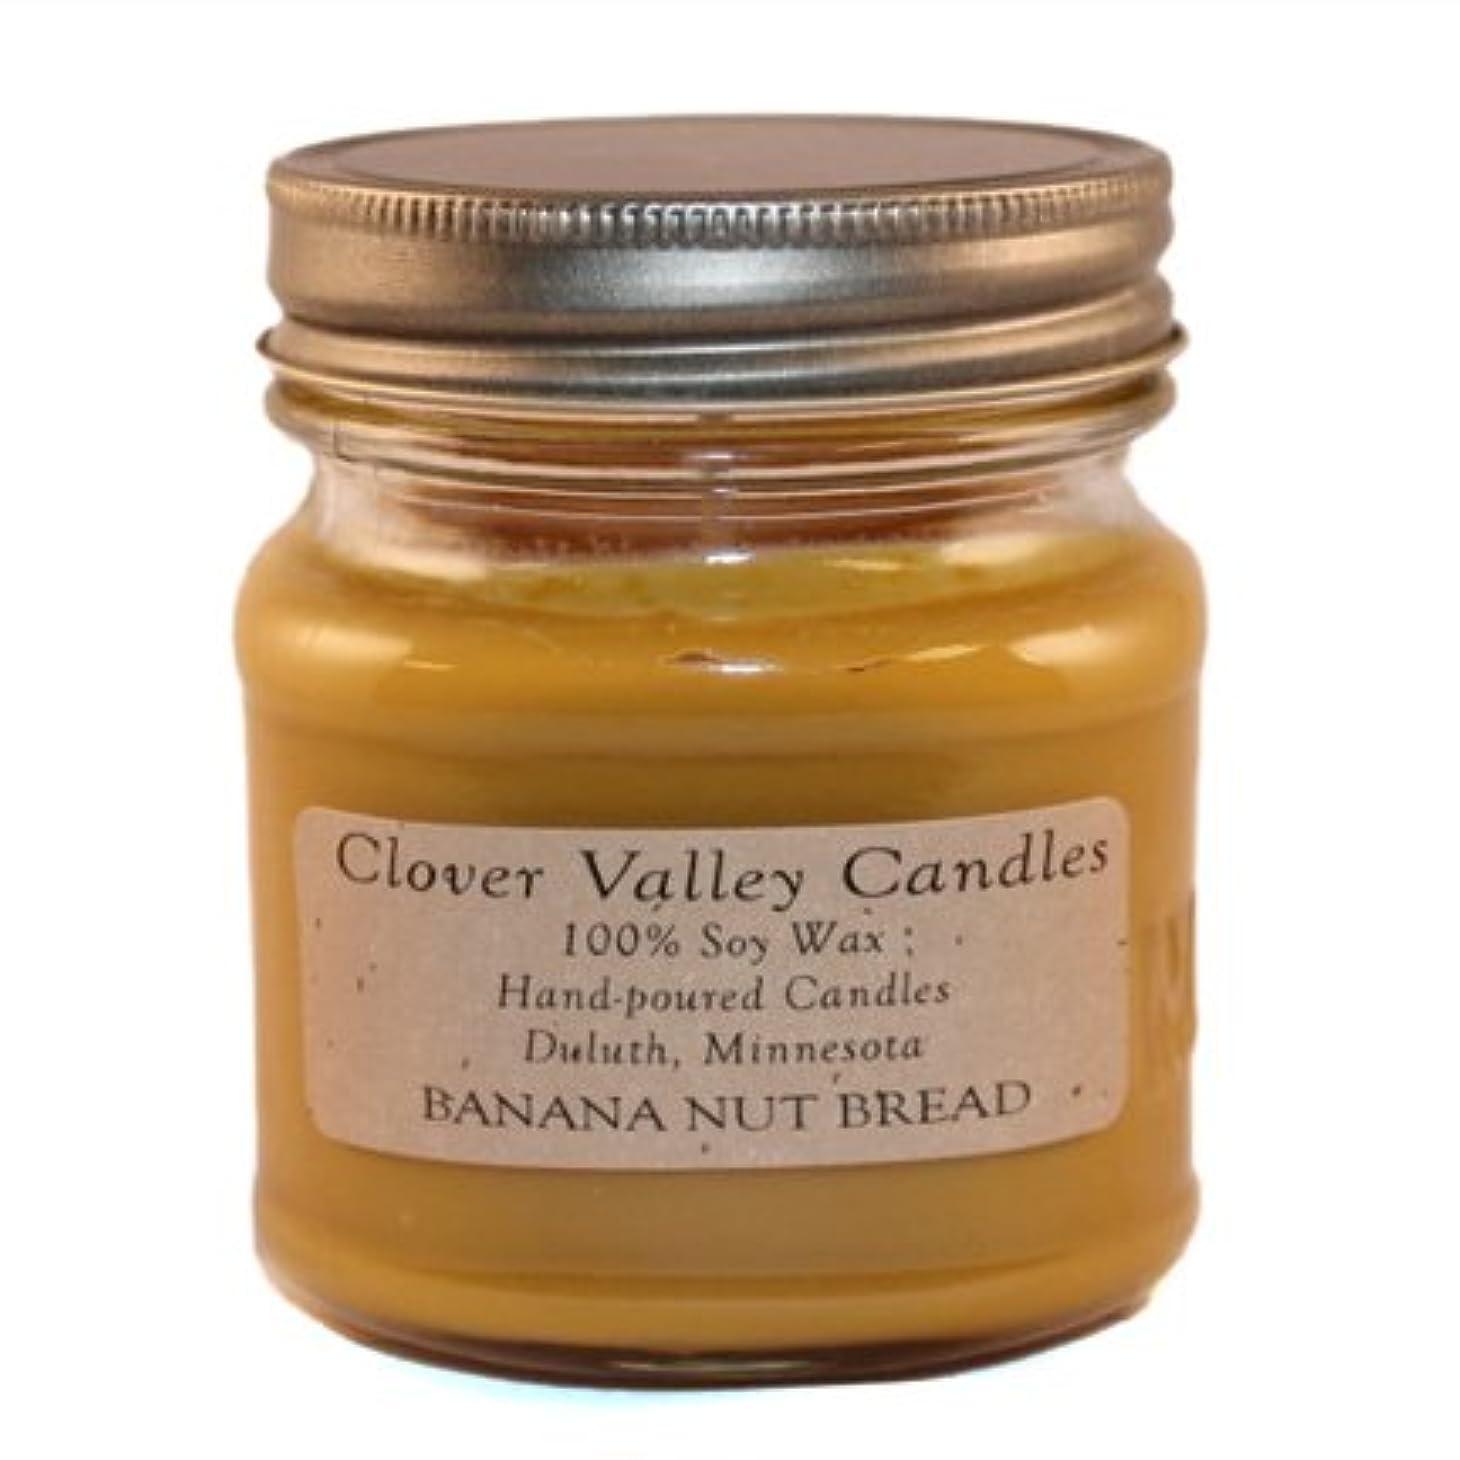 ラショナル覚醒ユーモアBanana Nut Bread Half Pint Scented Candle byクローバーValleyキャンドル